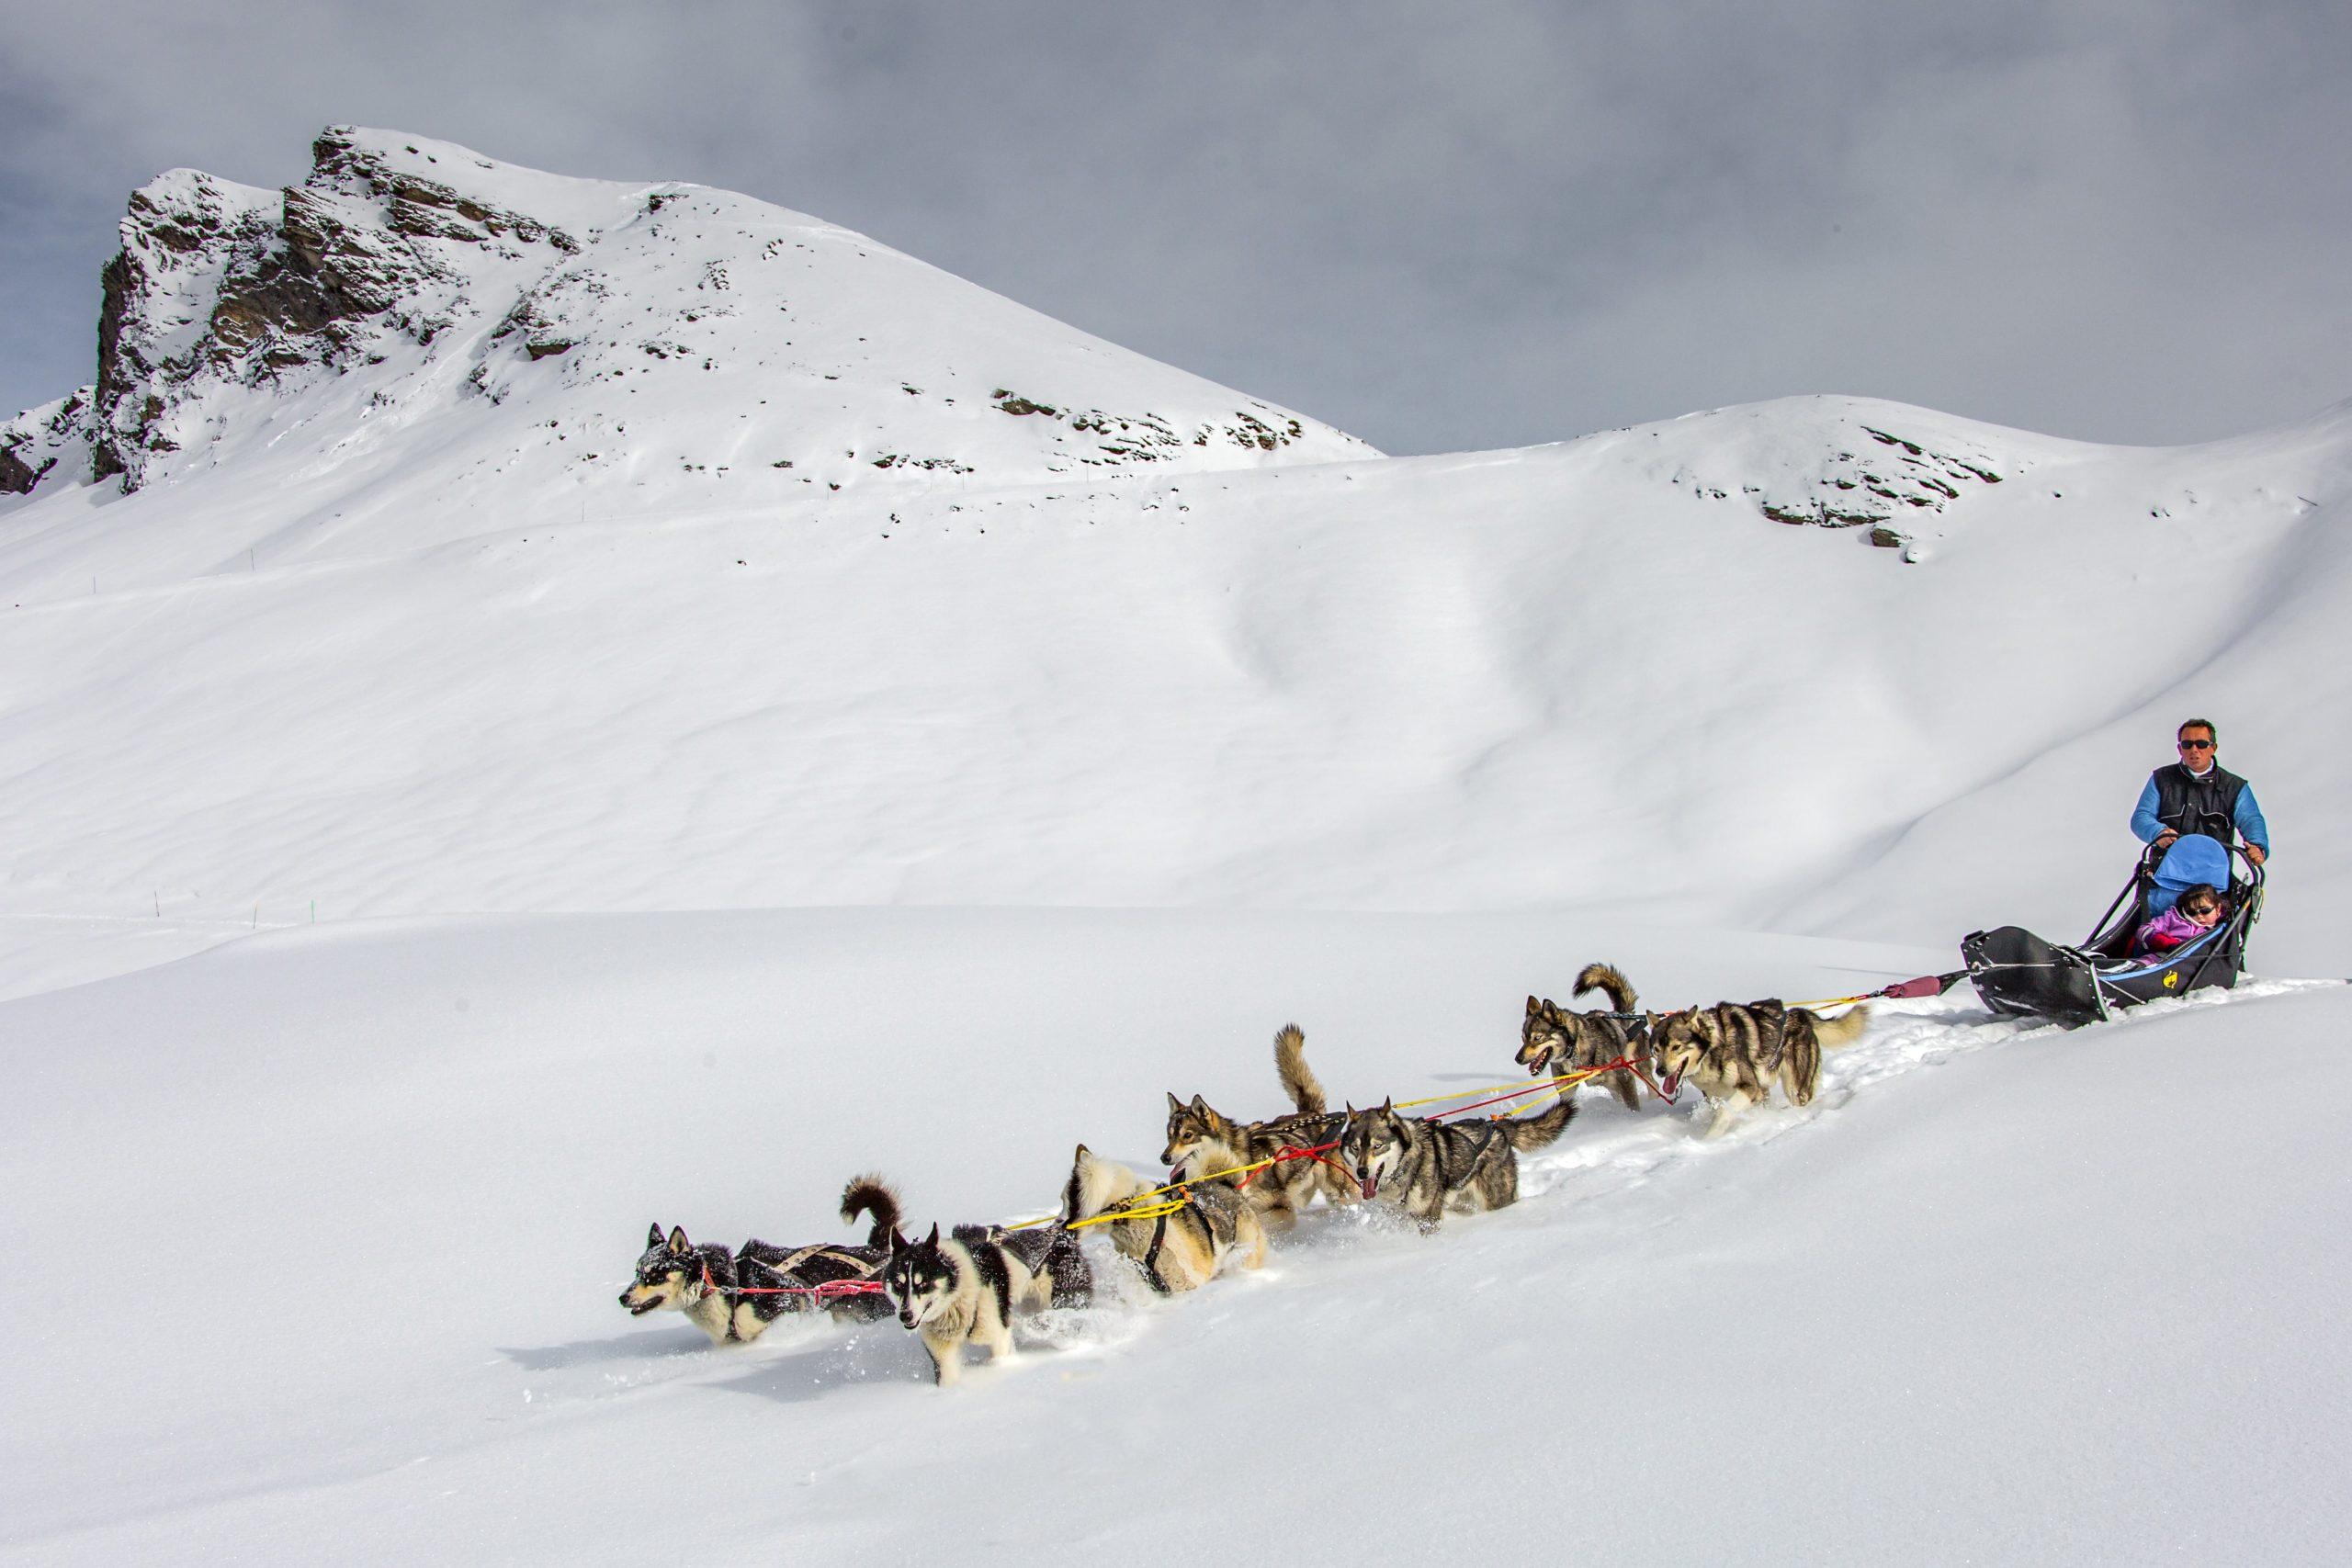 Chien de traineau Alpi Traineau Orcieres Merlette 1850 Champsaur Hautes Alpes Alpi Traineau Chiens de traineaux